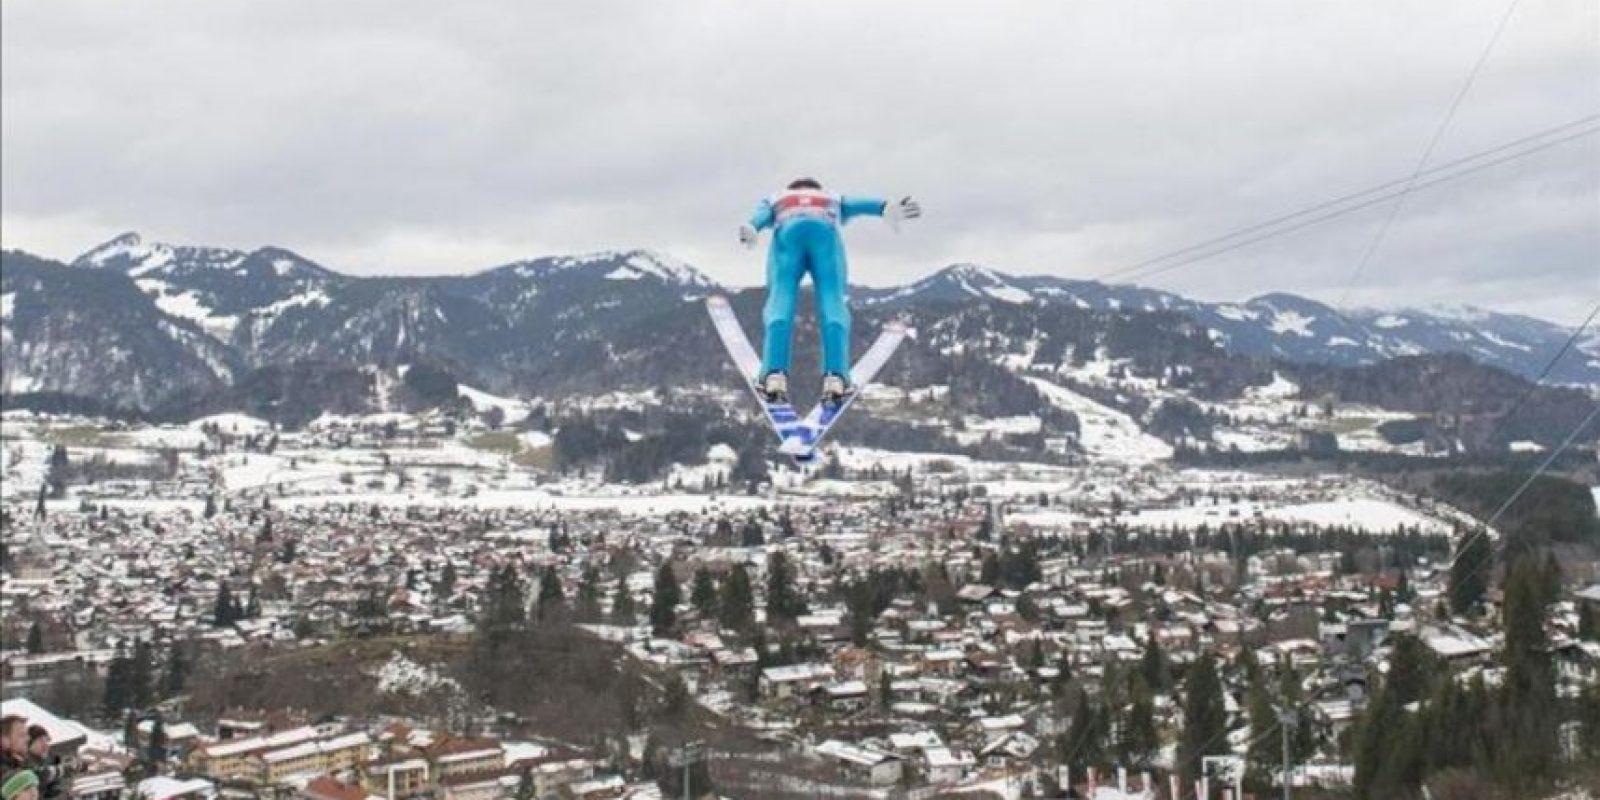 Imagen del noruego Anders Jacobsen, durante uno de sus saltos hoy en Oberstdorf, Alemania. EFE